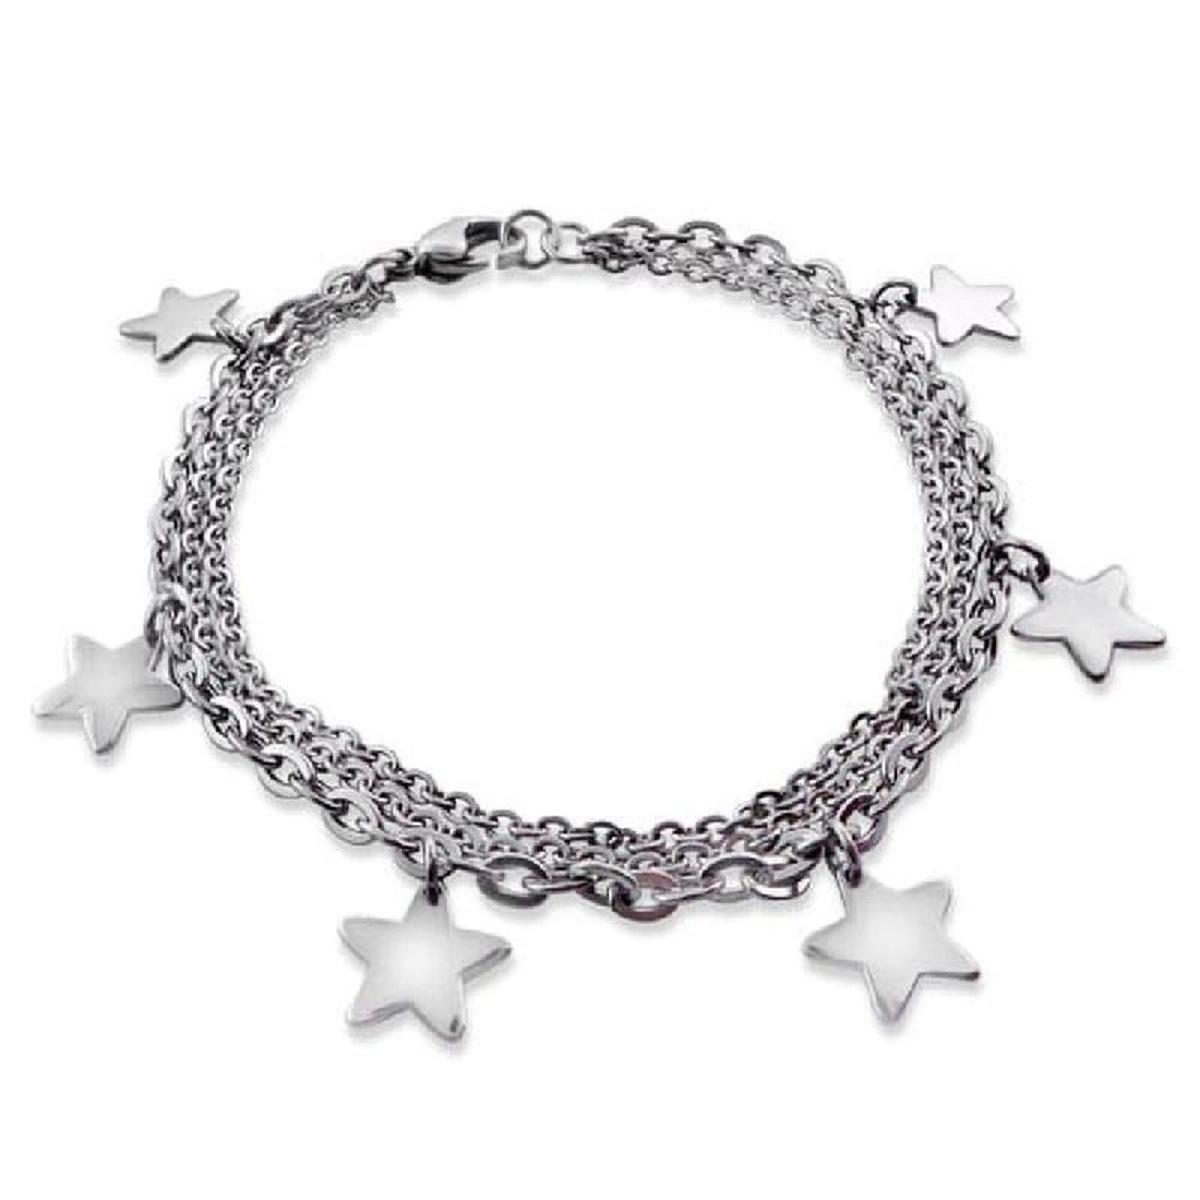 Bracelet Chaîne 18 cm Pampilles Etoiles Acier